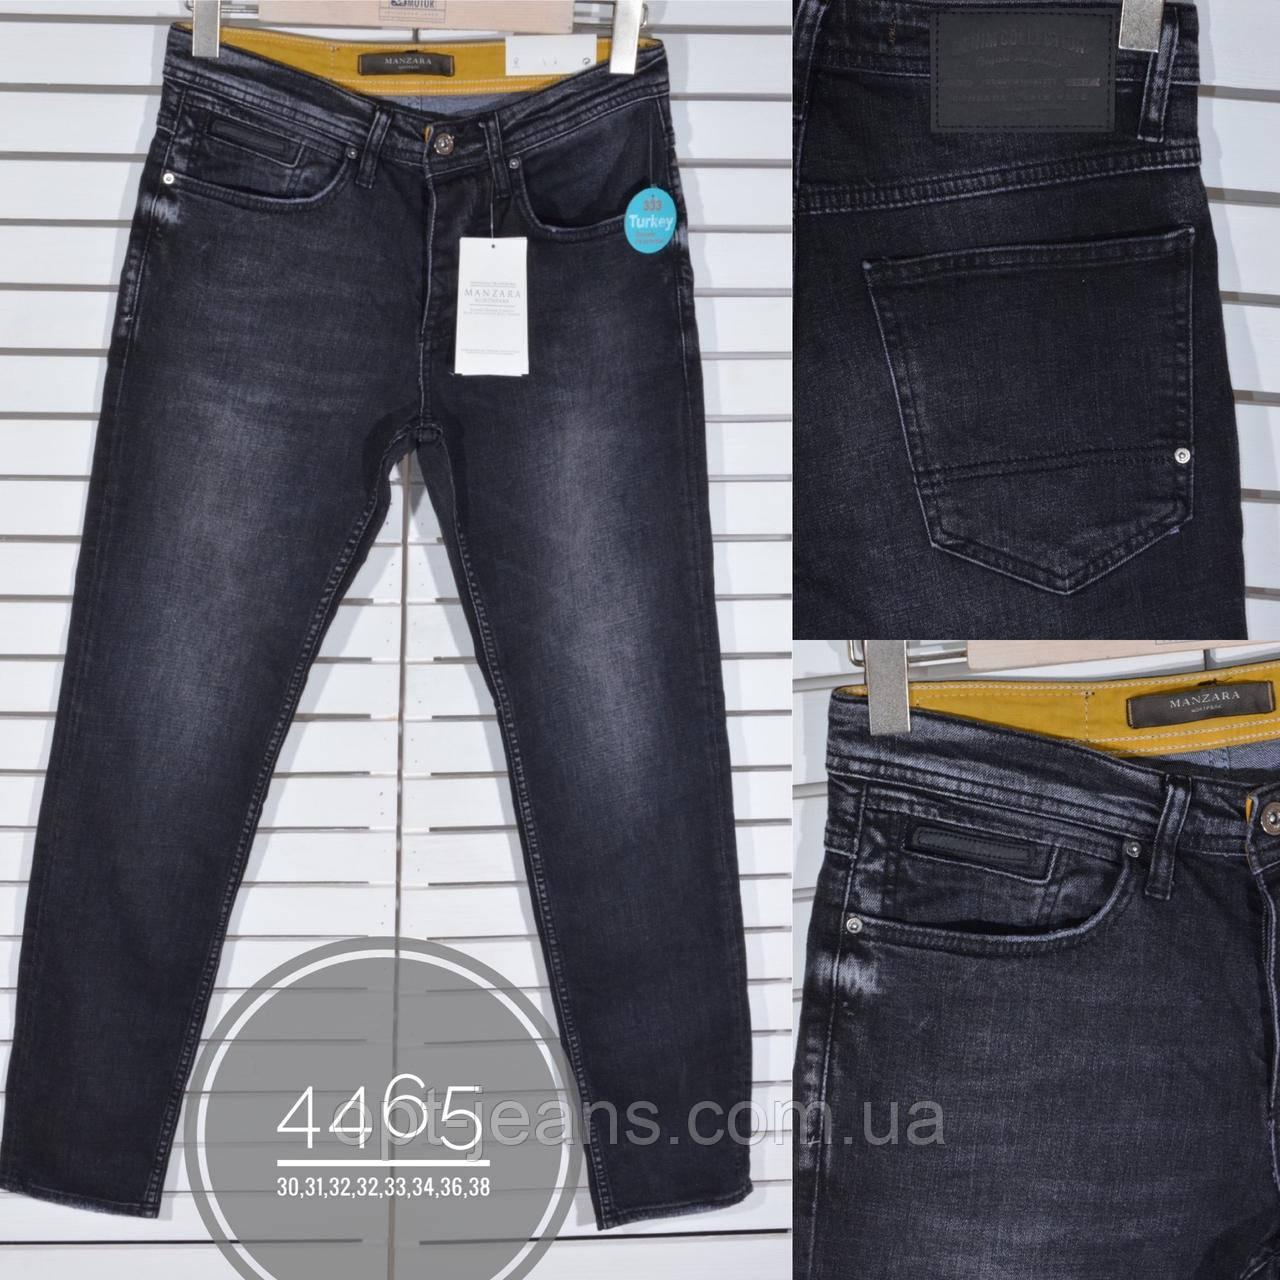 Manzara мужские джинсы (30-38/8шт.)